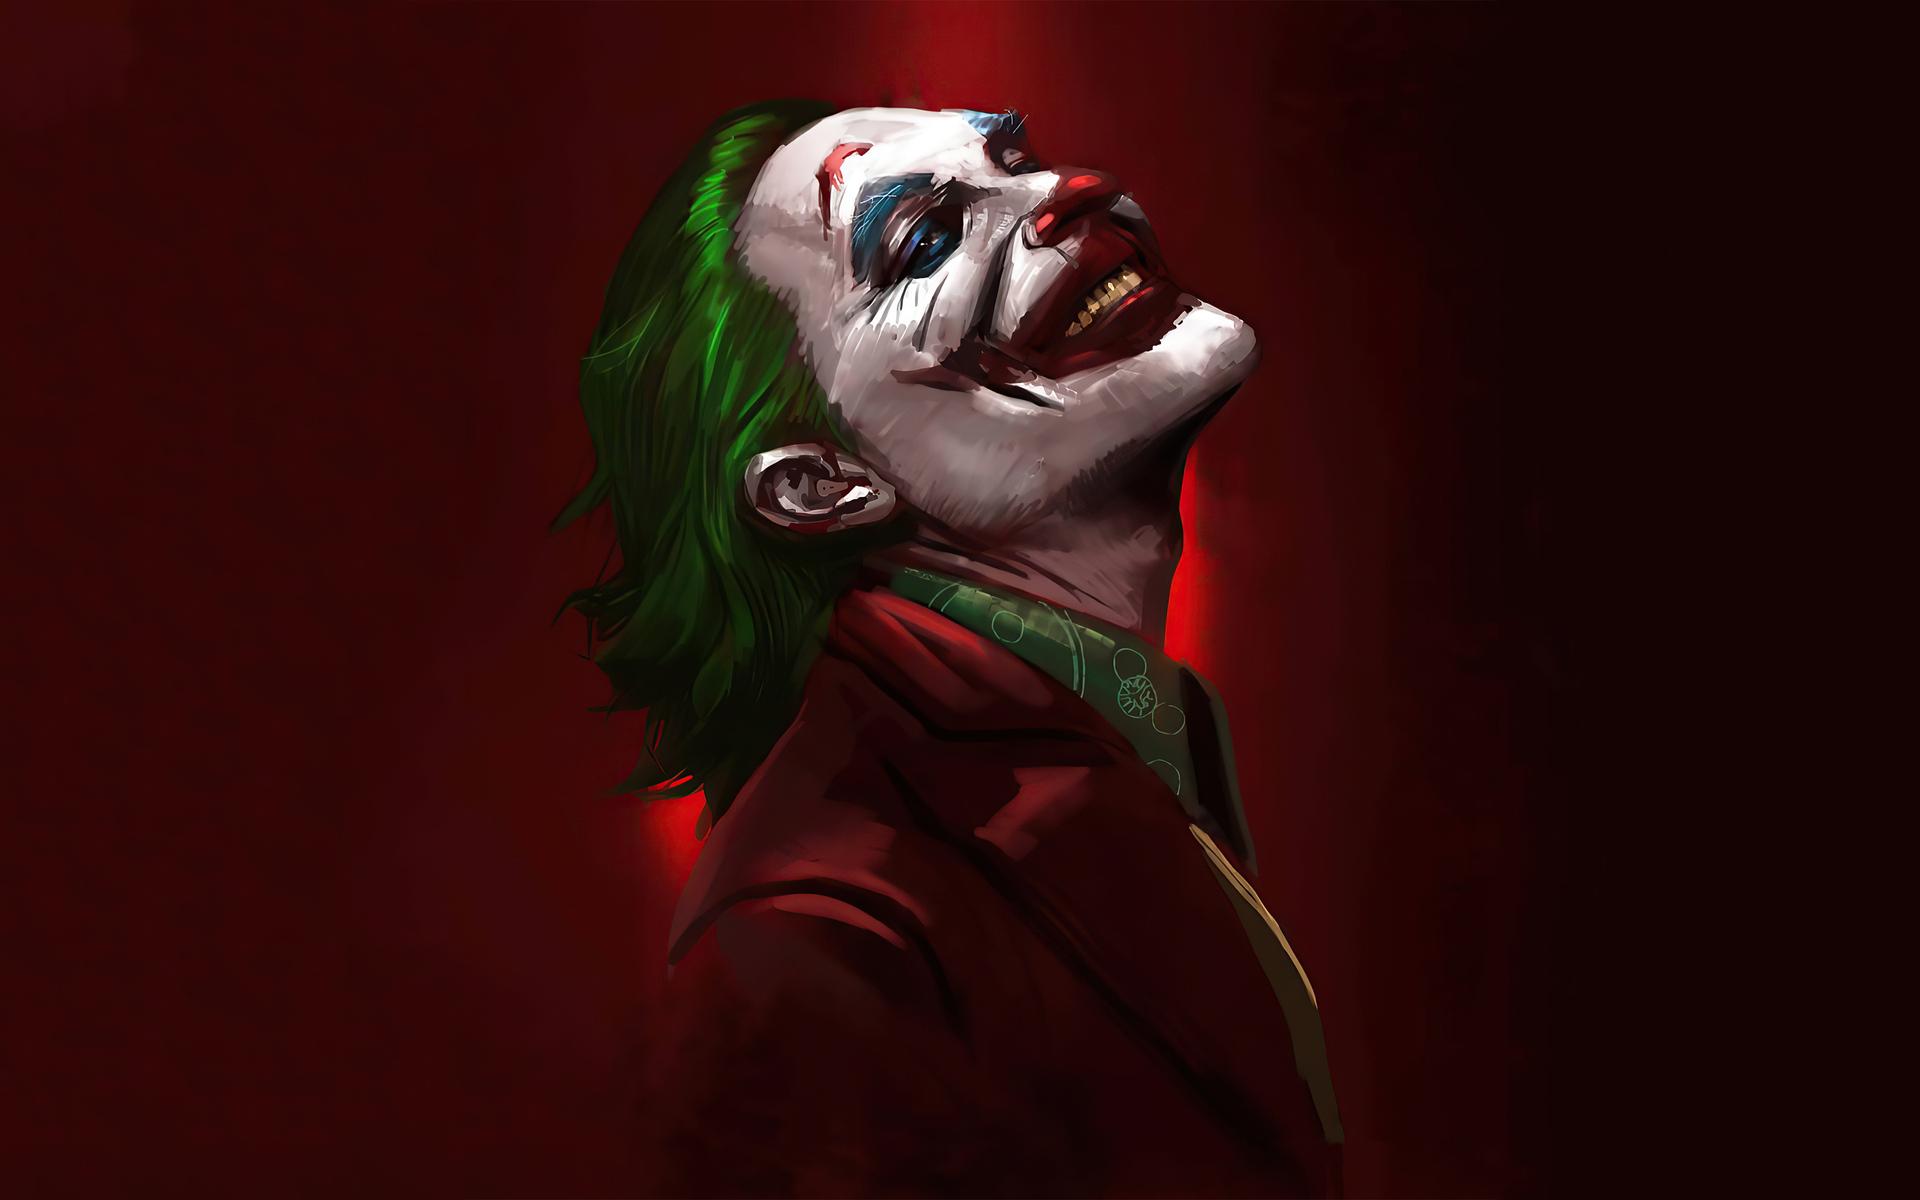 2020-joker-always-smile-4k-vr.jpg